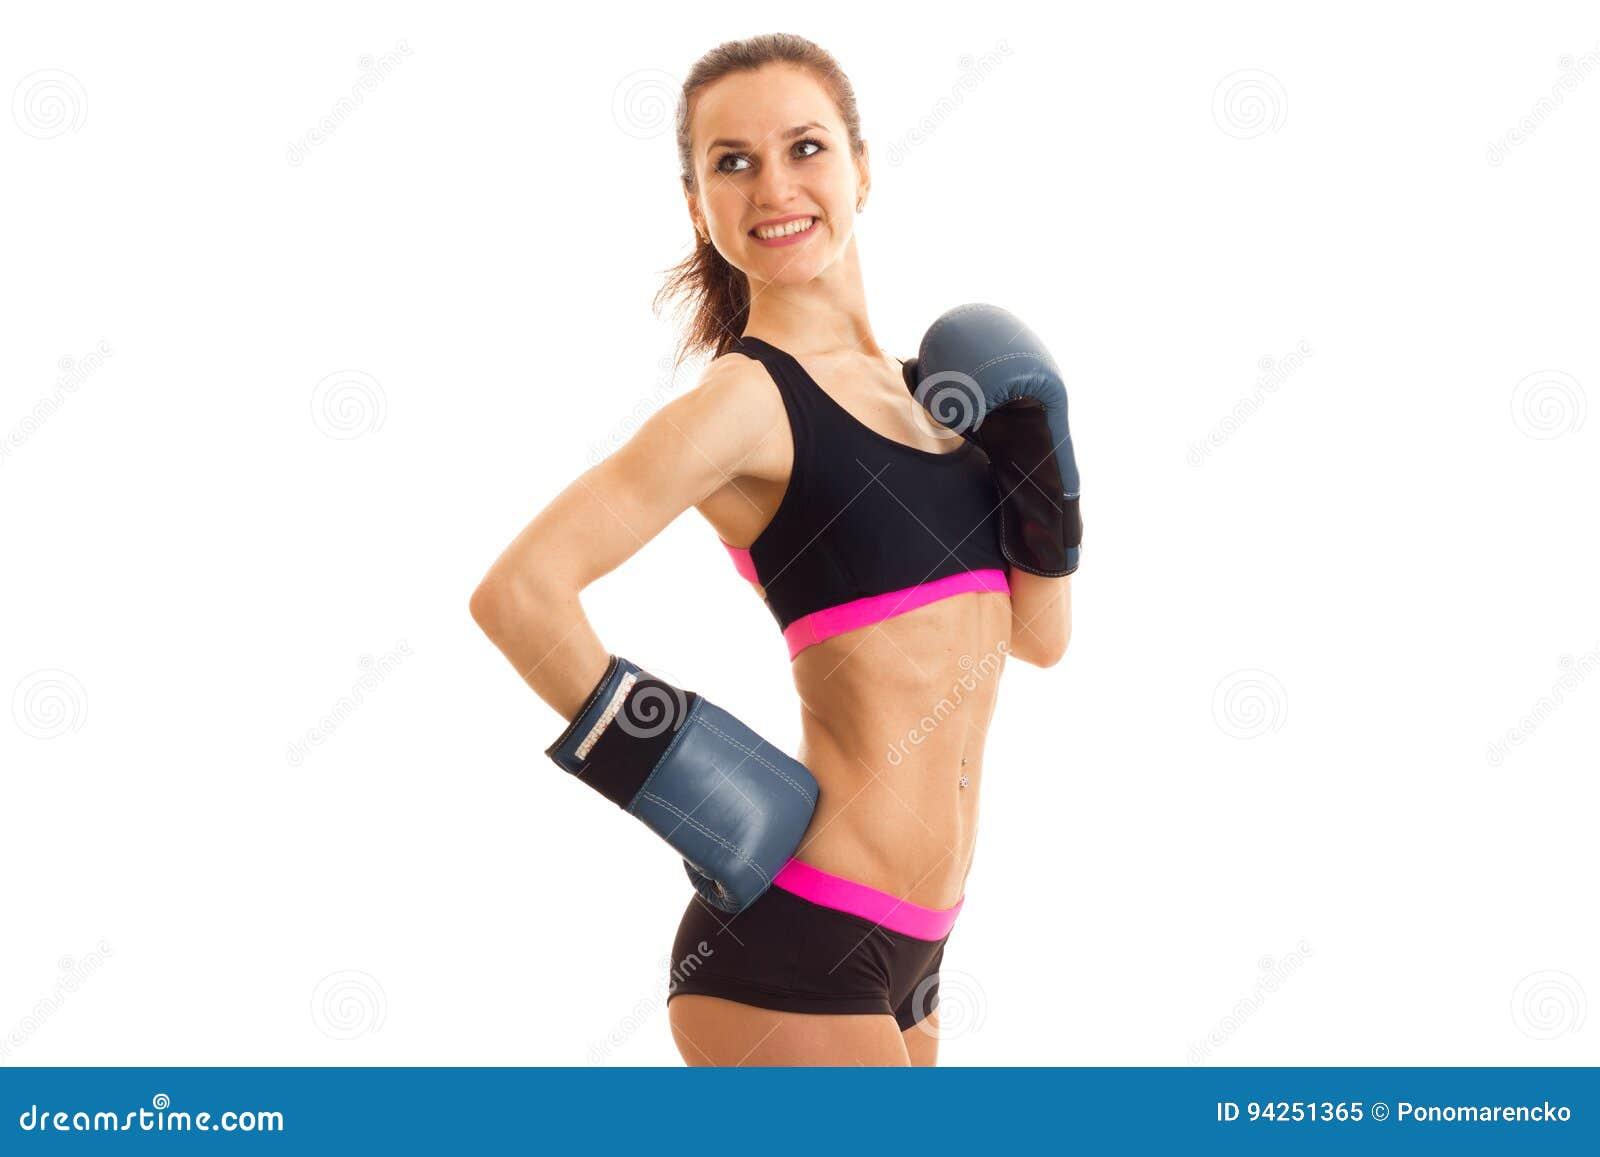 精力充沛的微笑的运动员在拳击手套和上面站立